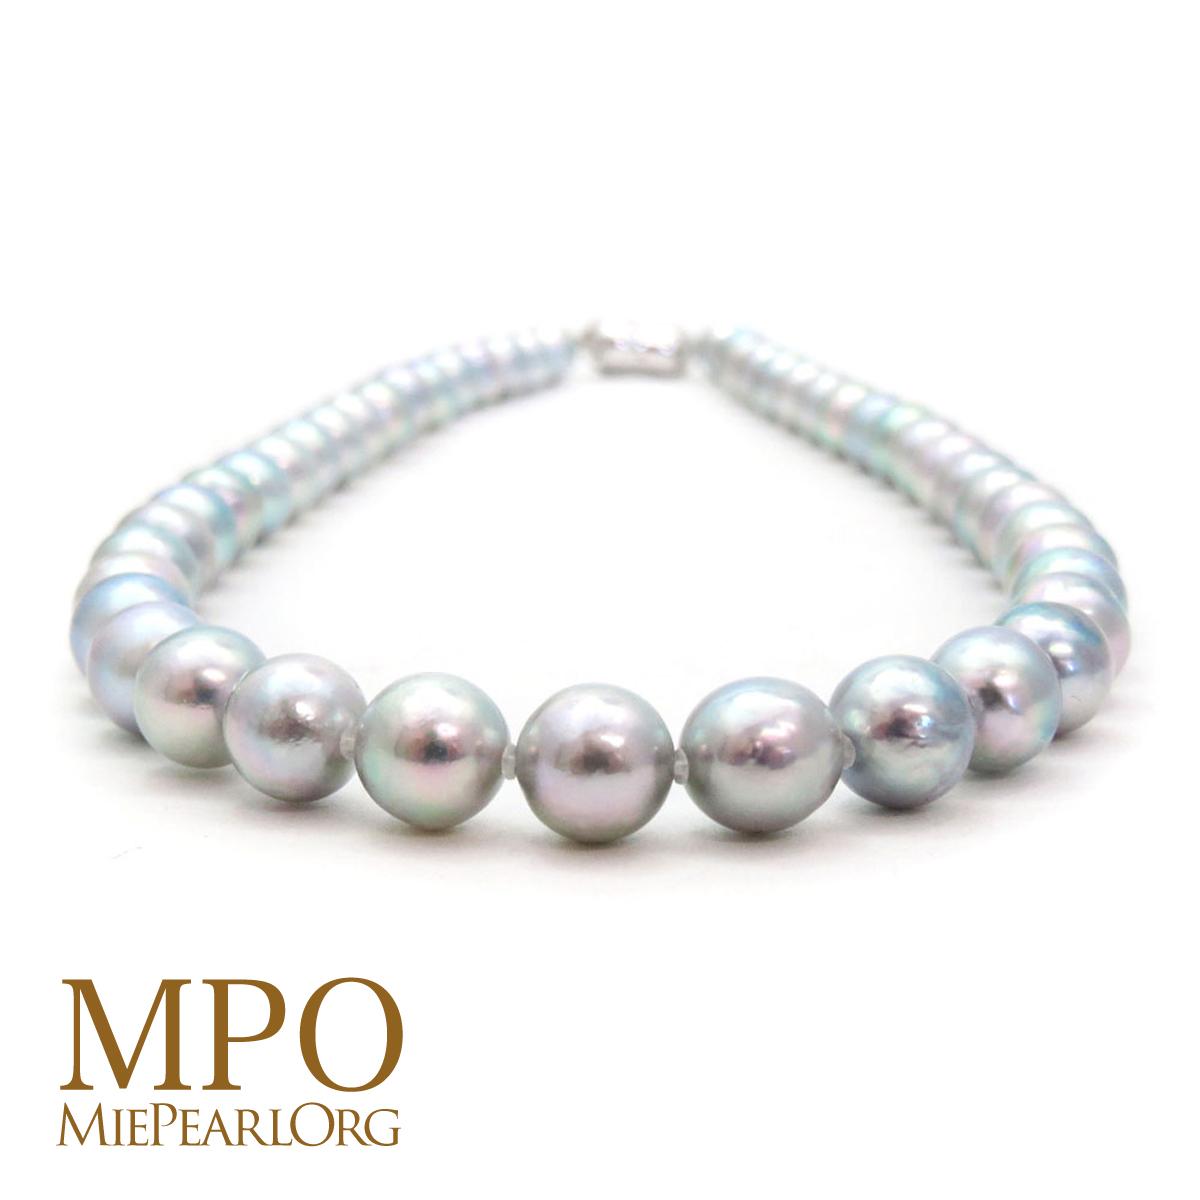 三重県真珠加工販売協同組合 アコヤ真珠 グレー処理 ネックレス 約8.0-8.5mm ニアラウンド 真珠 ギフト 大幅値下げランキング y-n-626 パール SV ご予約品